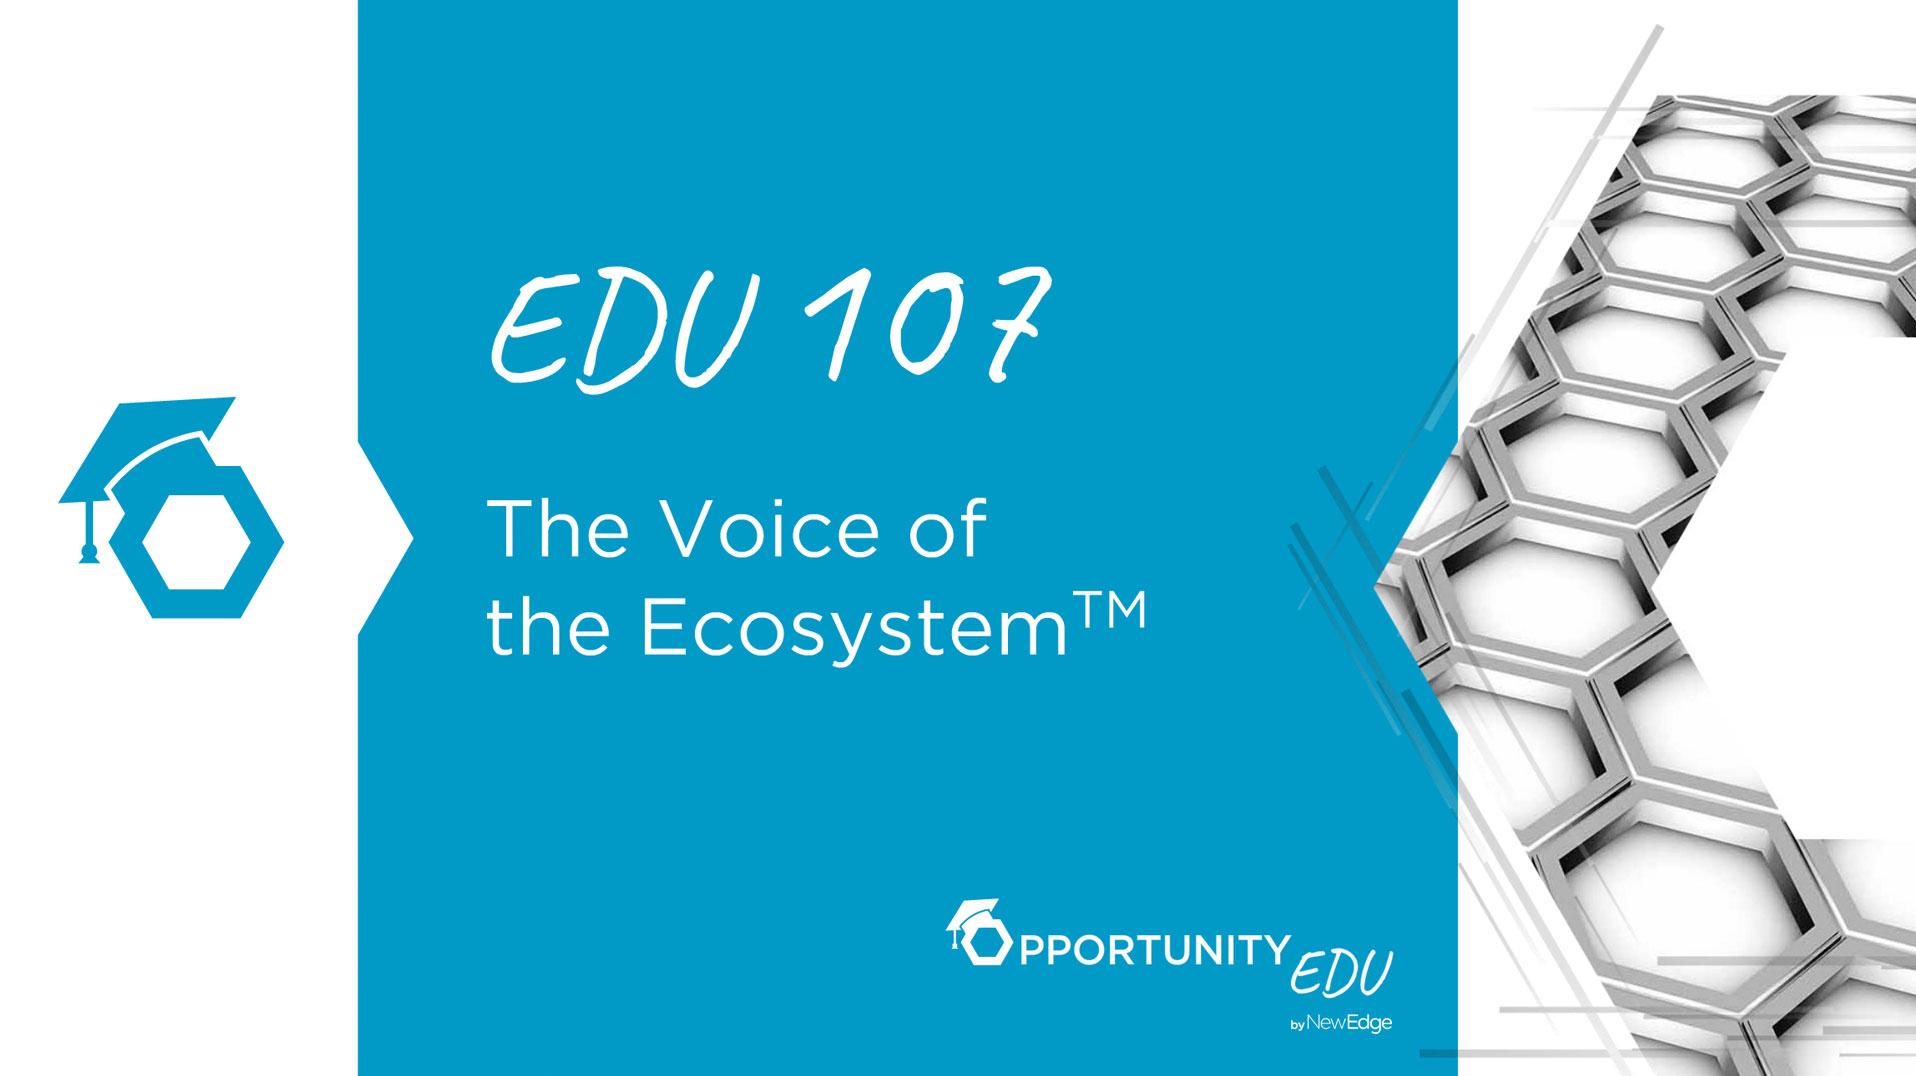 EDU 107